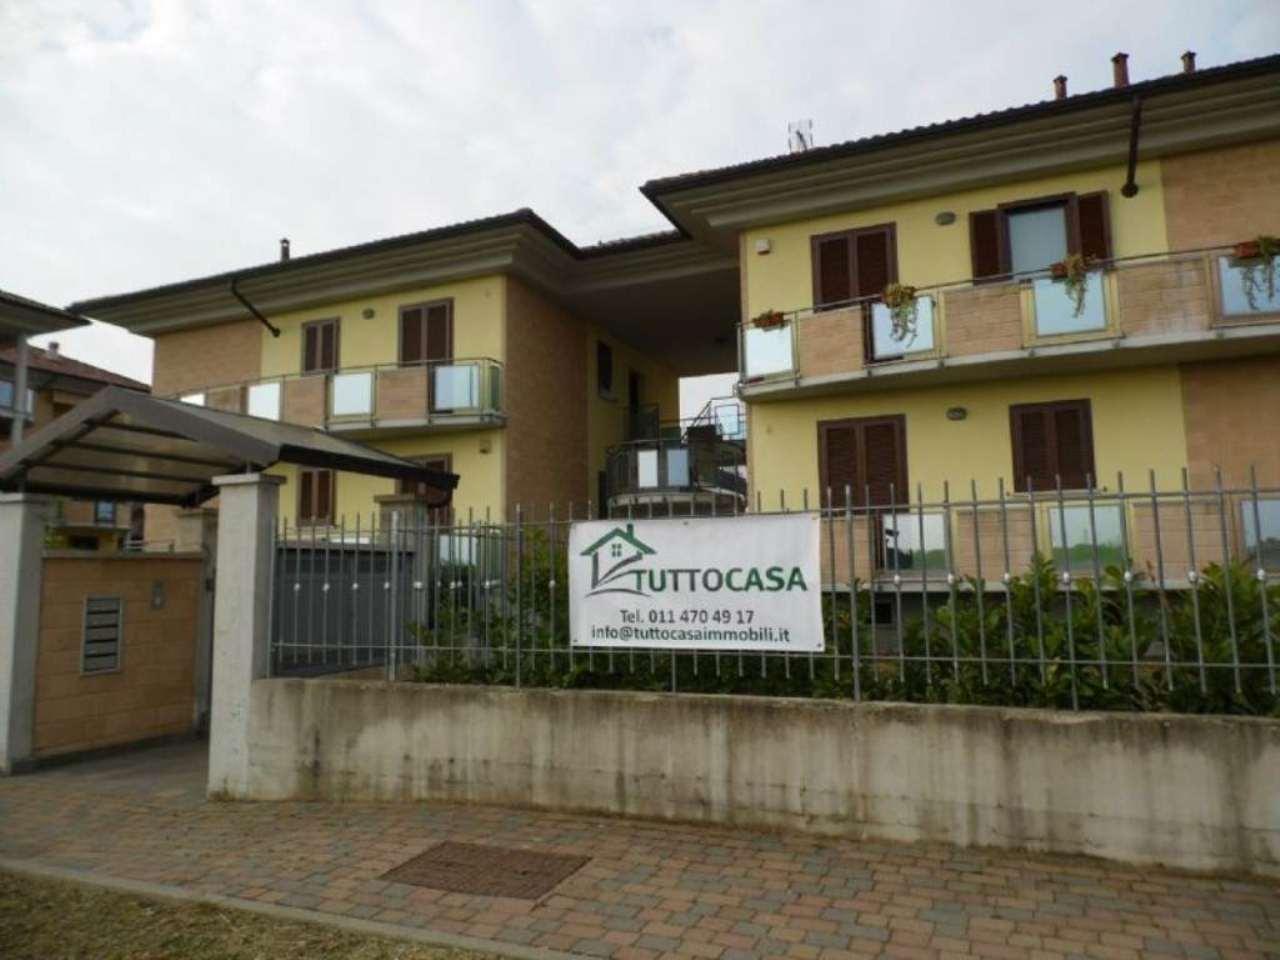 Appartamento in vendita a Volpiano, 4 locali, prezzo € 189.000 | Cambio Casa.it